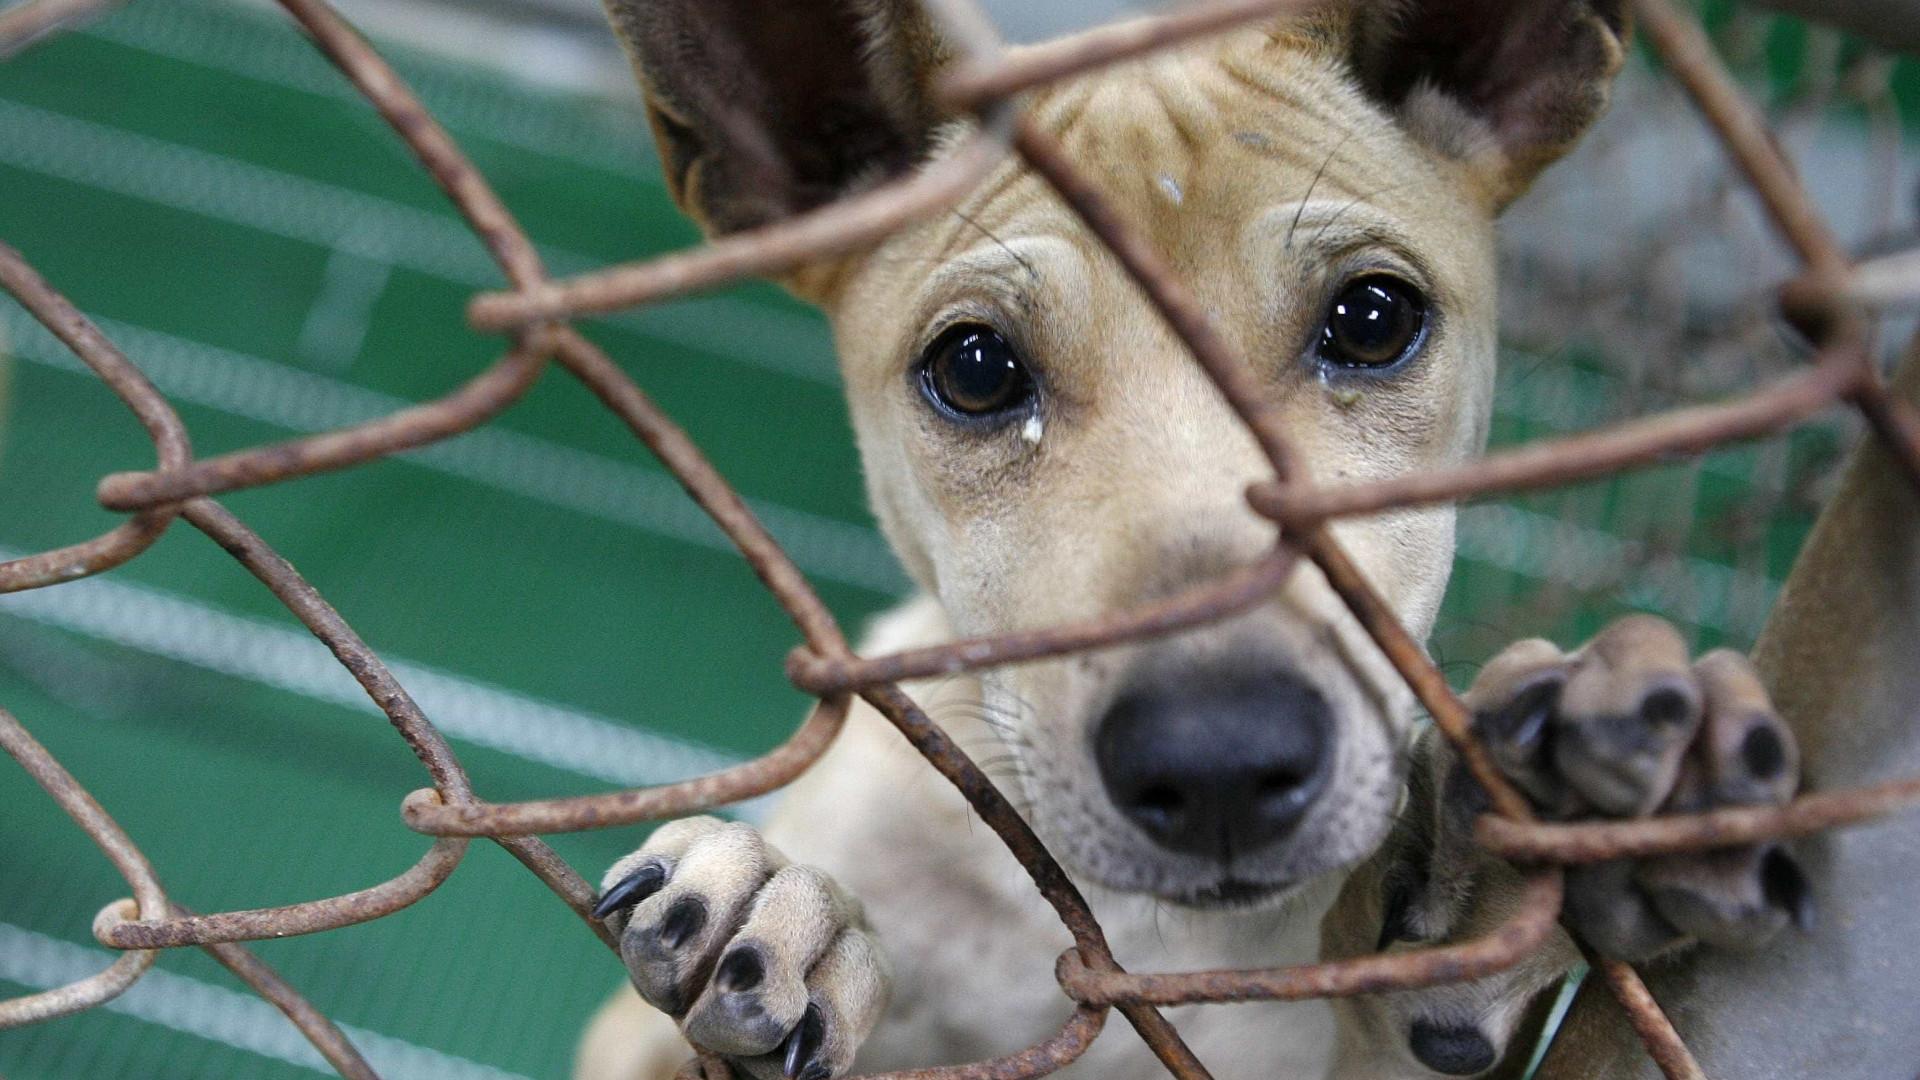 Resolver problema de animais abandonados no Funchal vai levar 10 anos